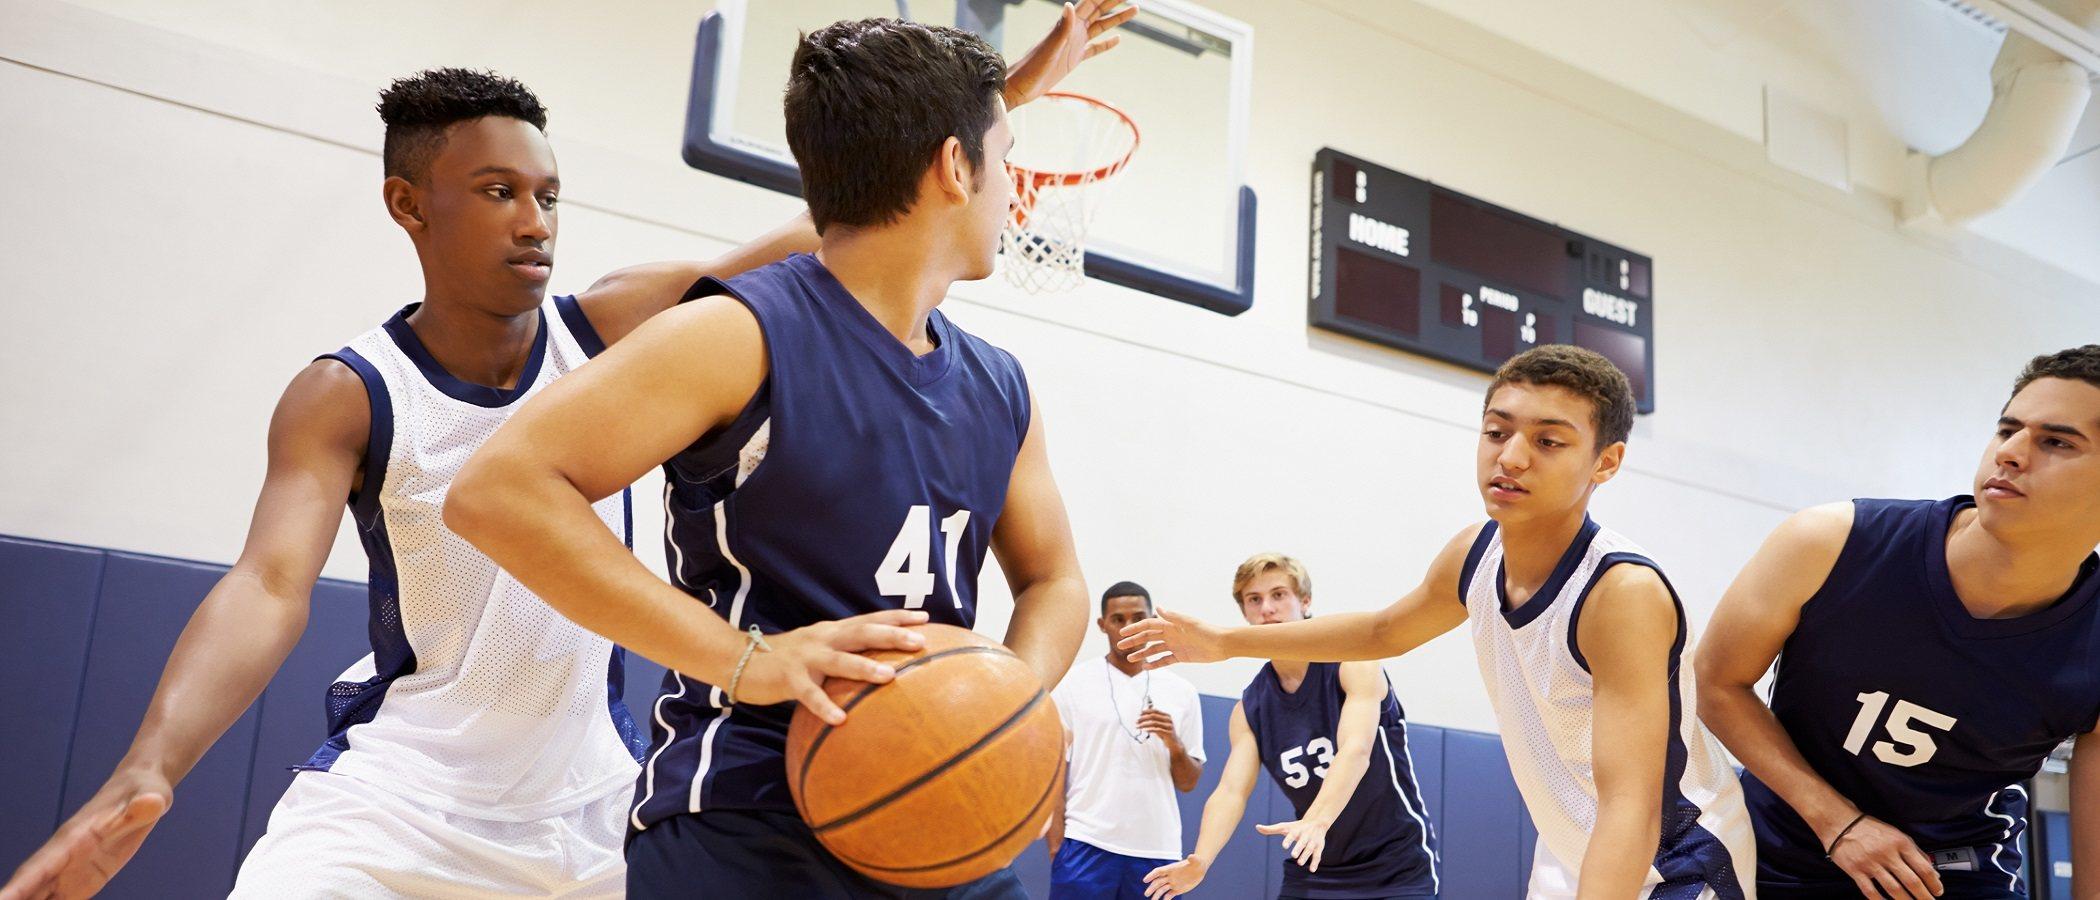 El deporte juvenil, ¿tiene efectos negativos?